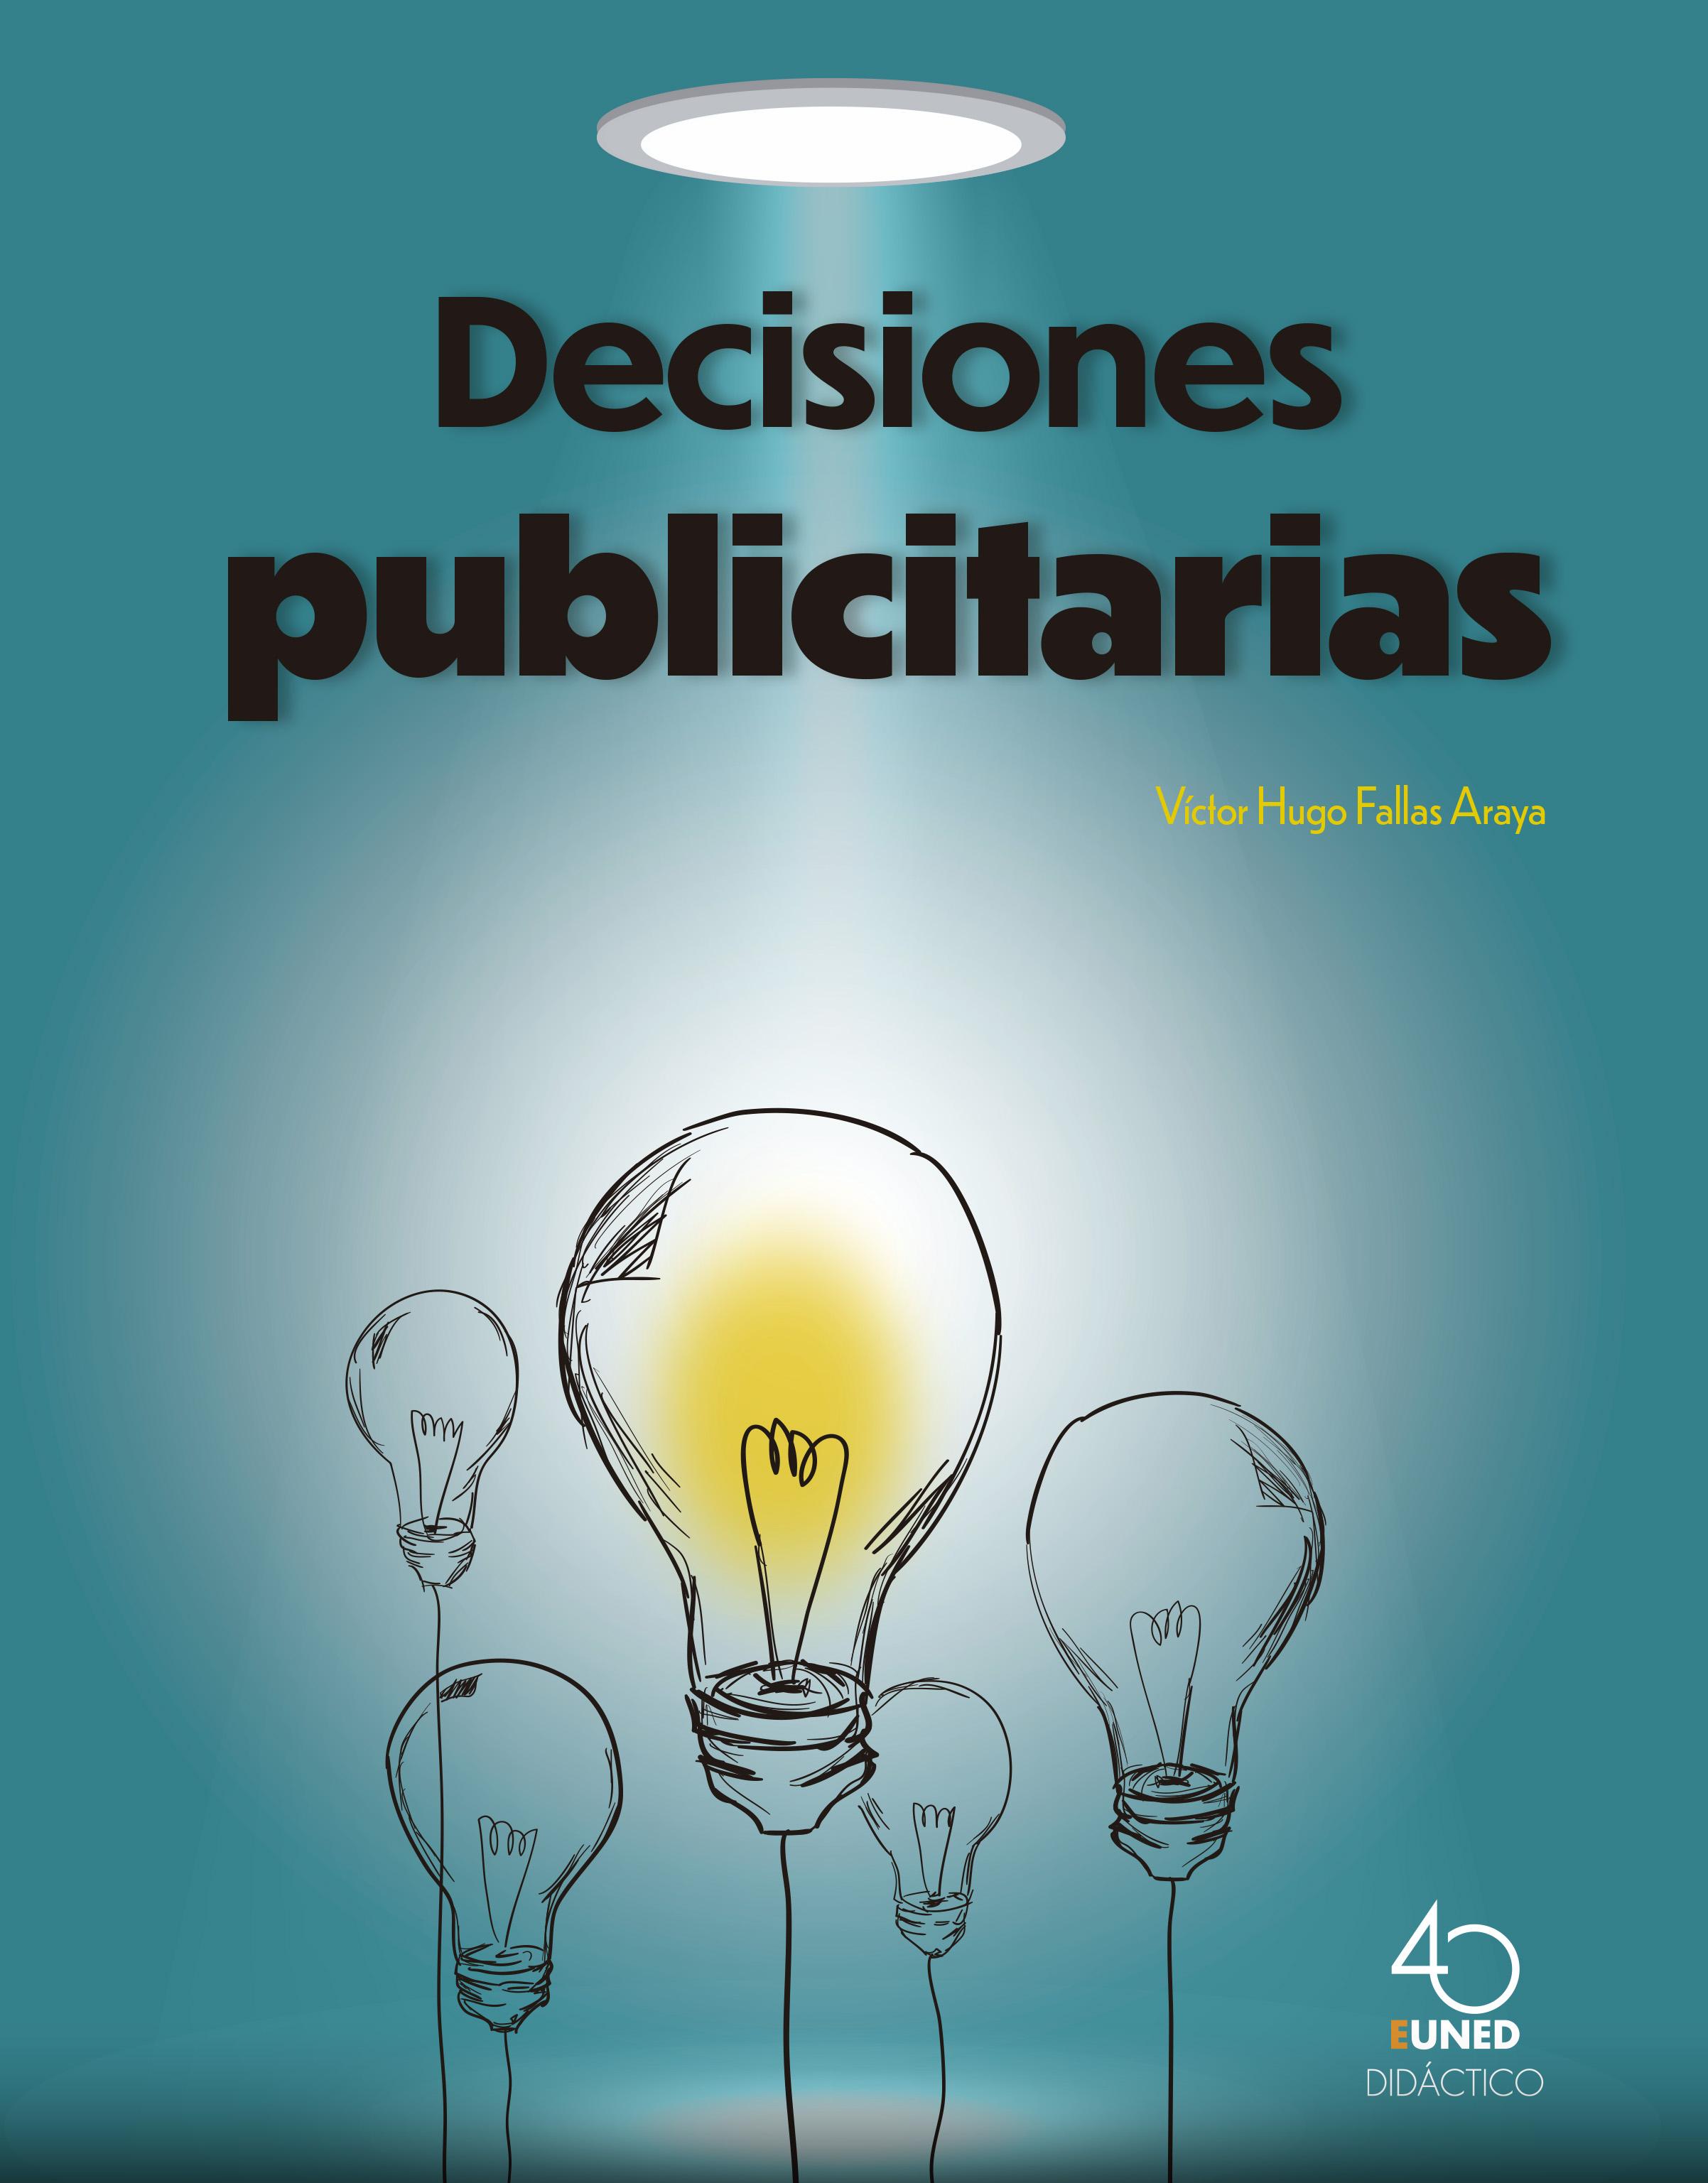 Decisiones publicitarias